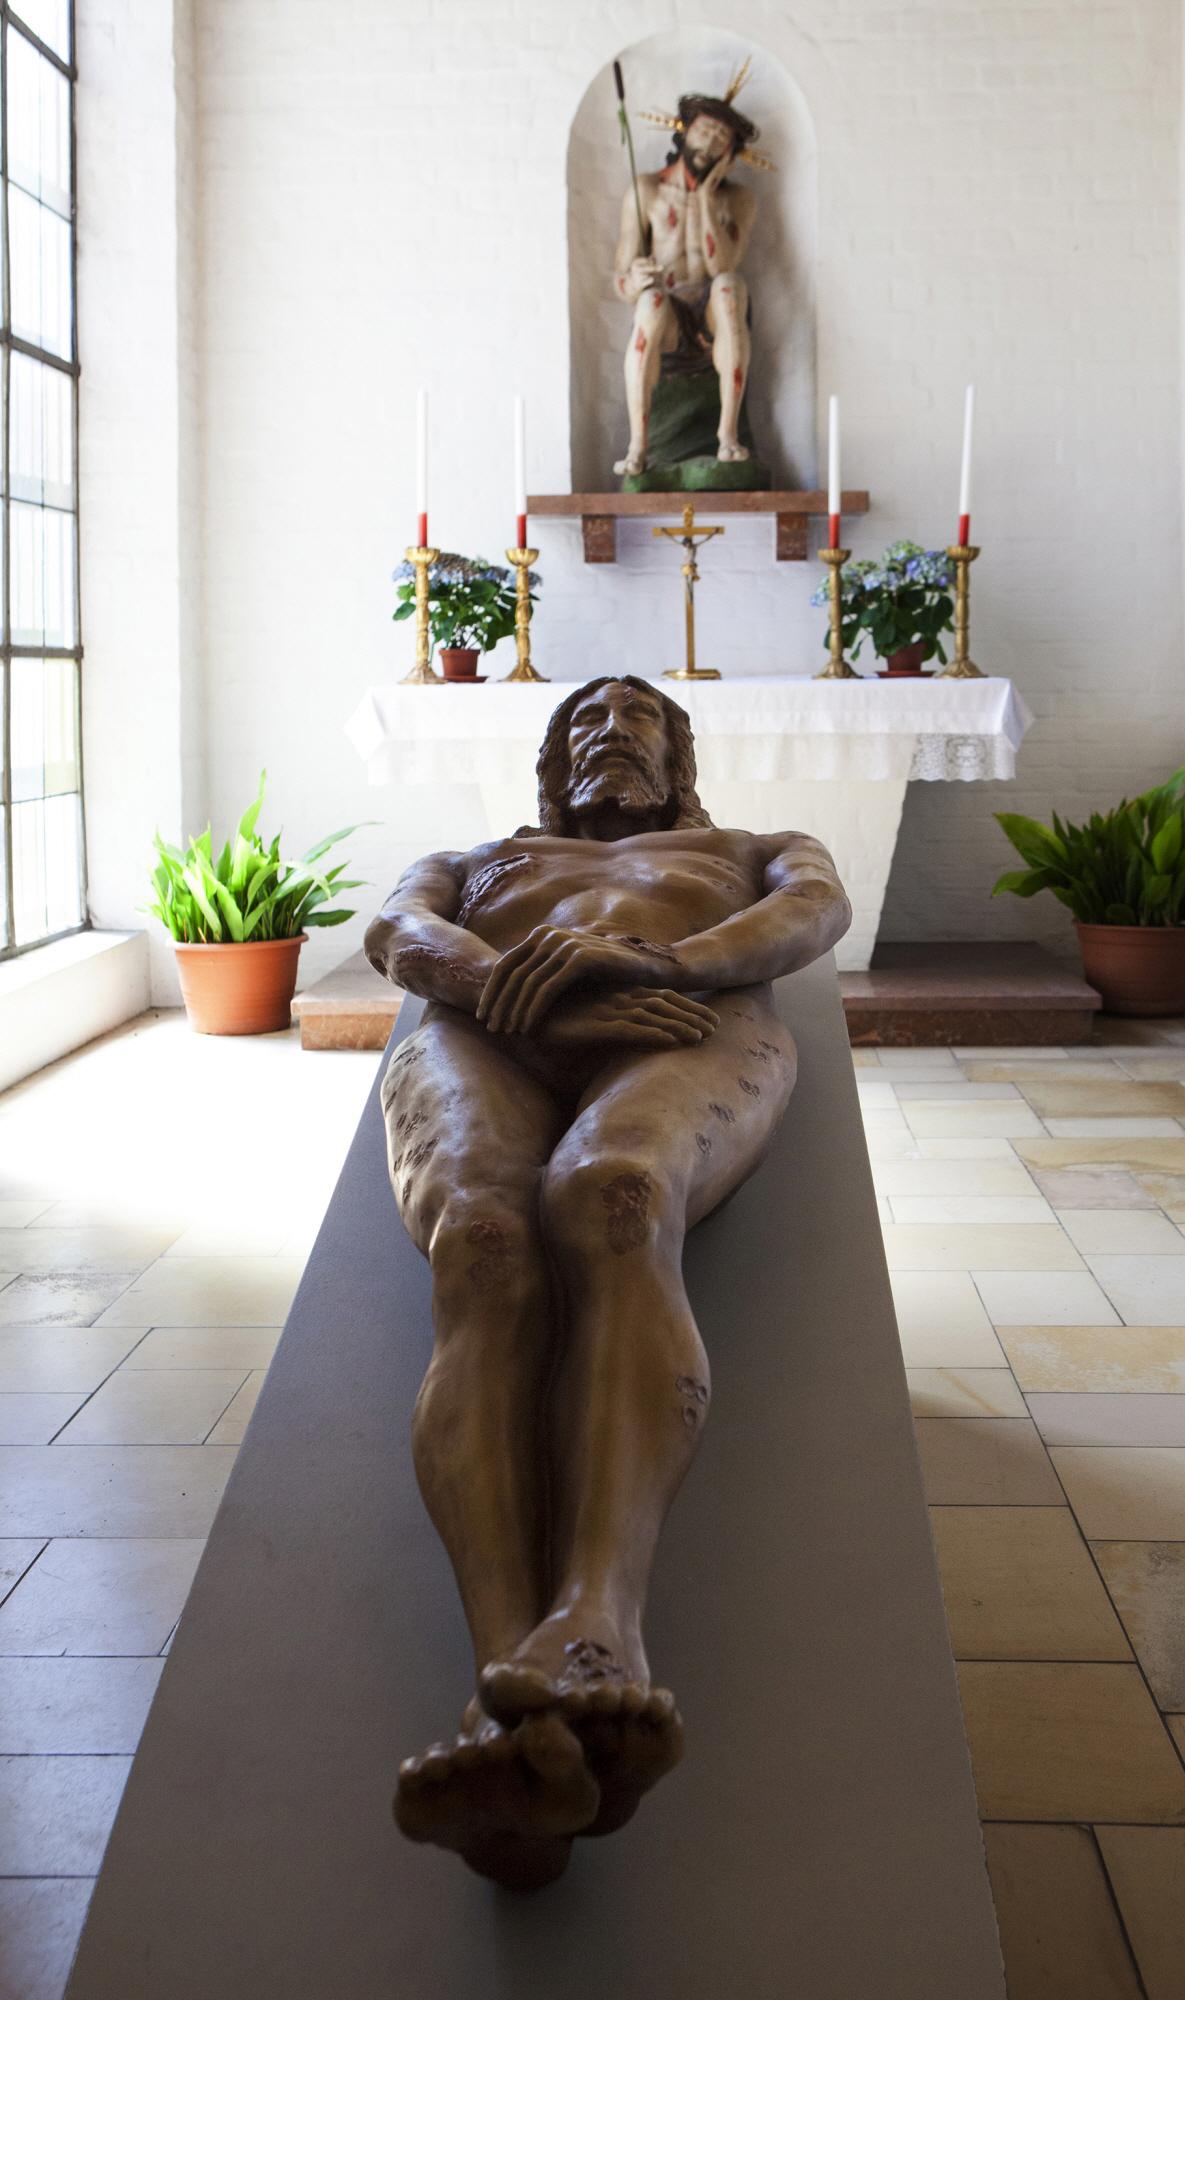 성당안에 모셔진 고통의 예수님